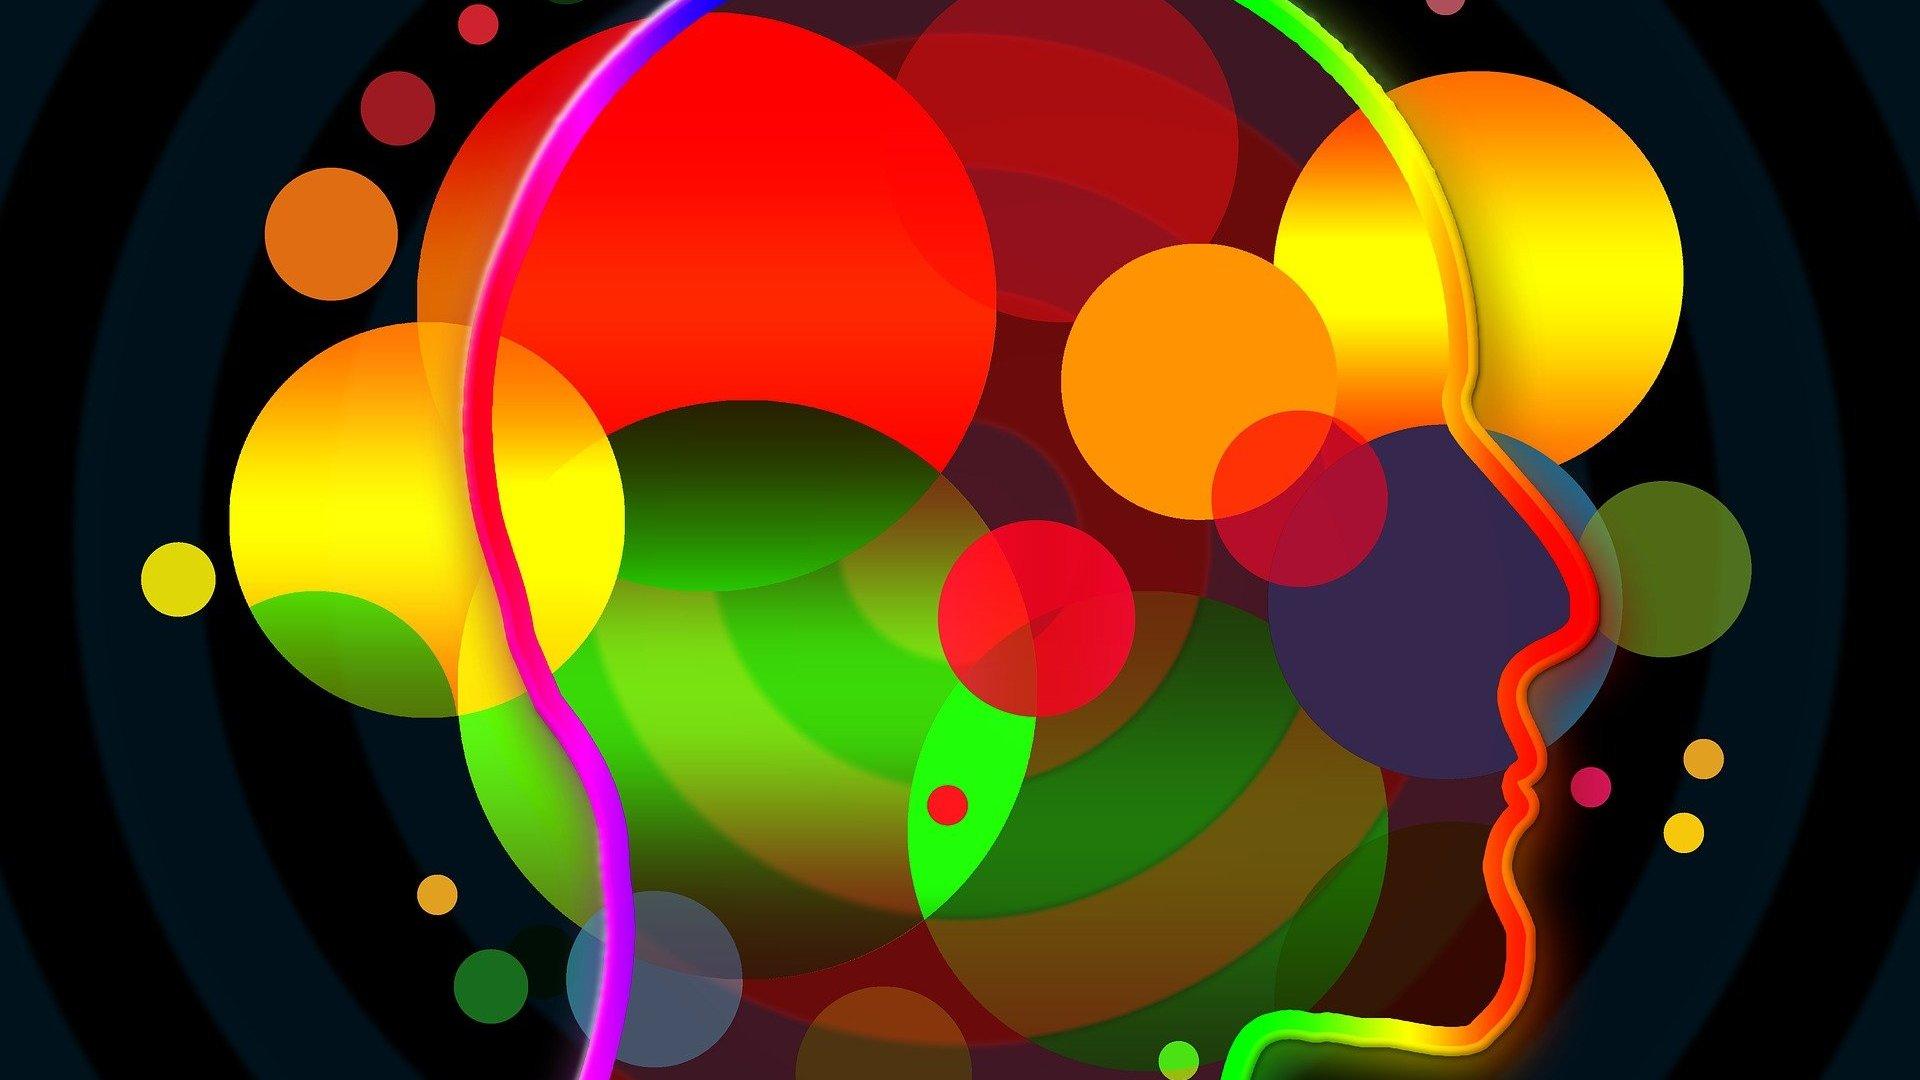 Ilustração gráfica de silhueta de cabeça preenchida por diversas formas coloridas